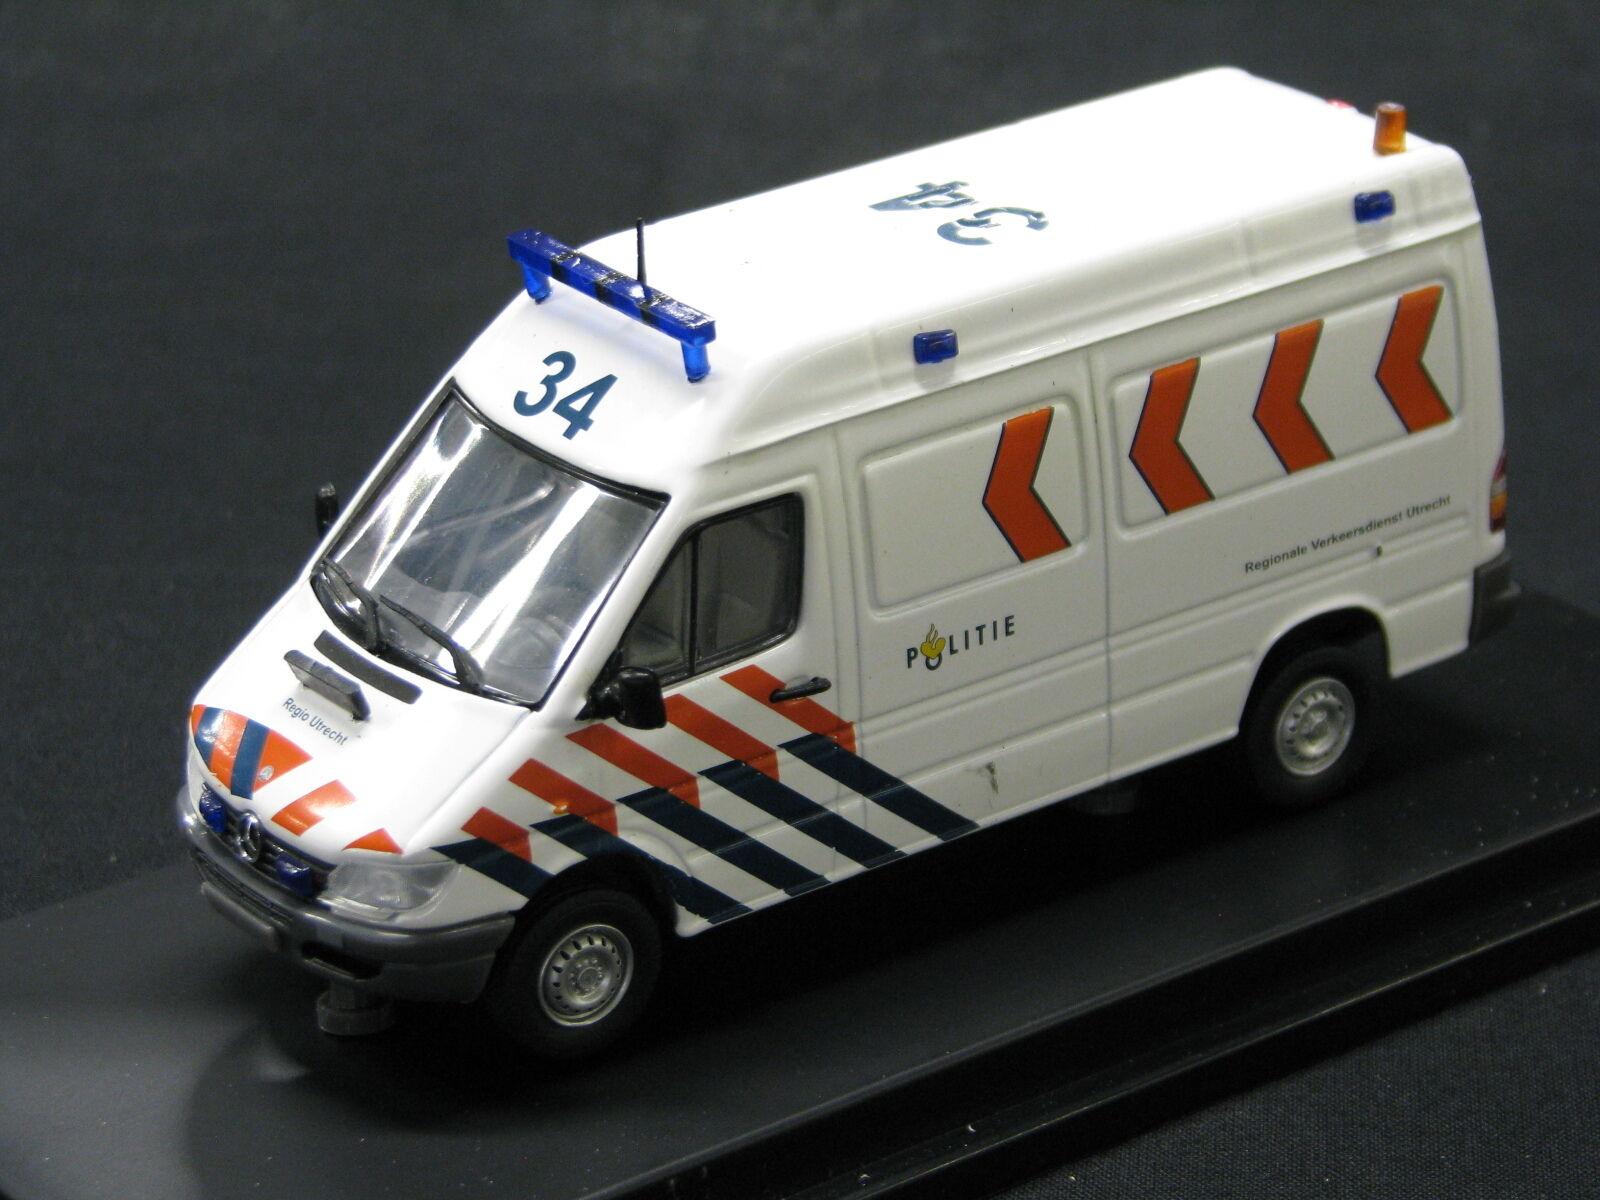 Eligor Mercedes-Benz Sprinter 1:43 Politie Regionale Verkeersdienst Utrecht  JS